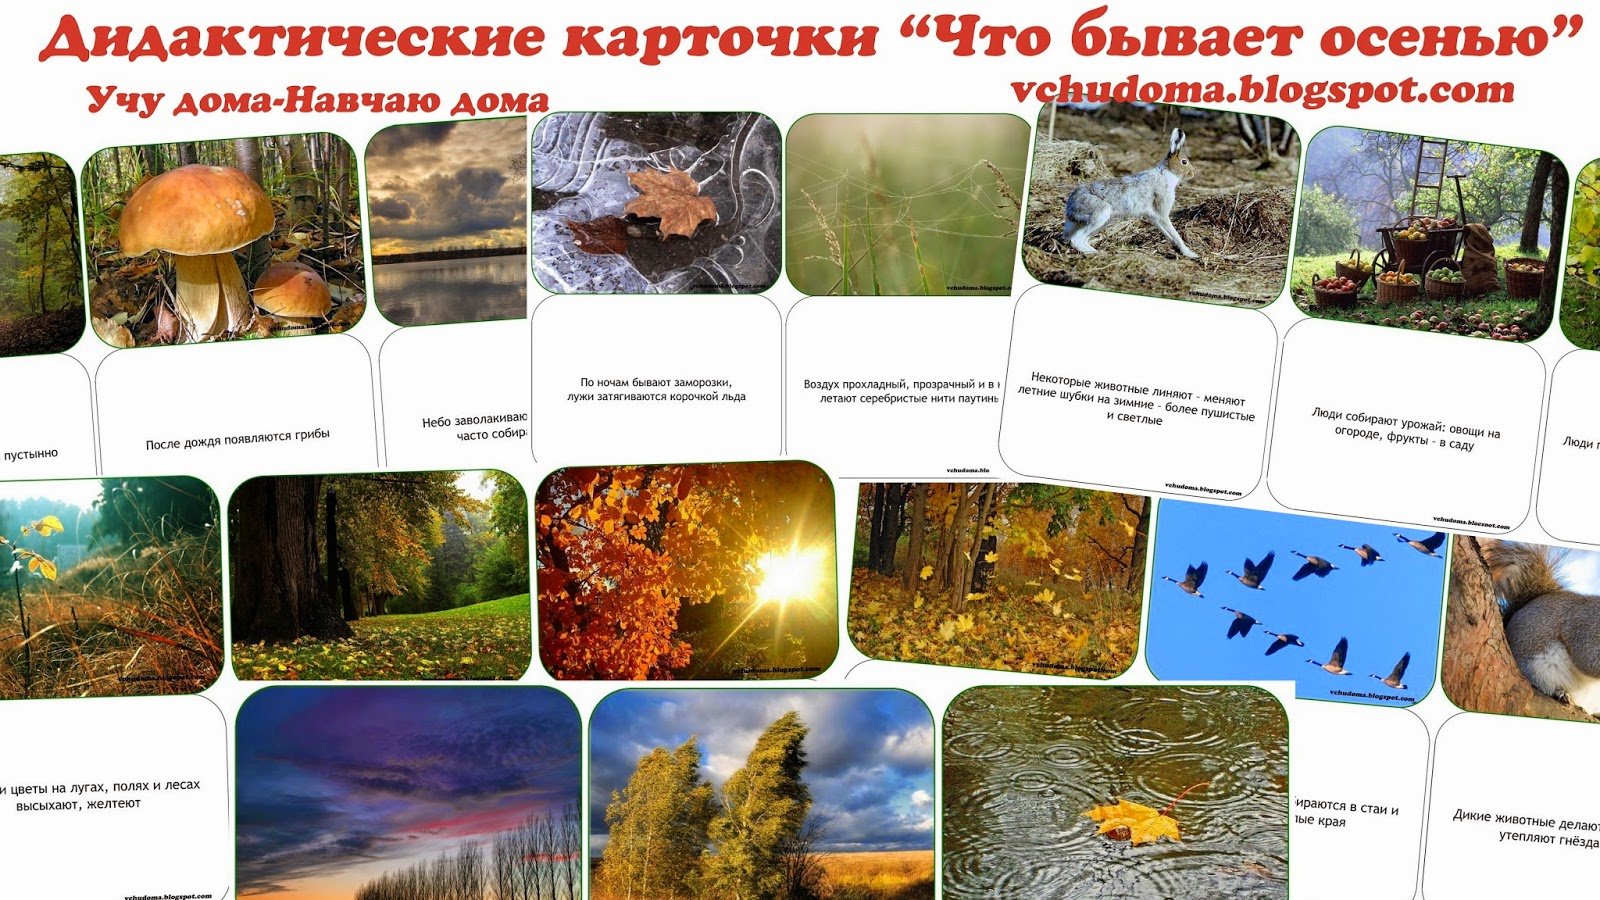 Дидактические картинки труд в природе осенью бесплатно